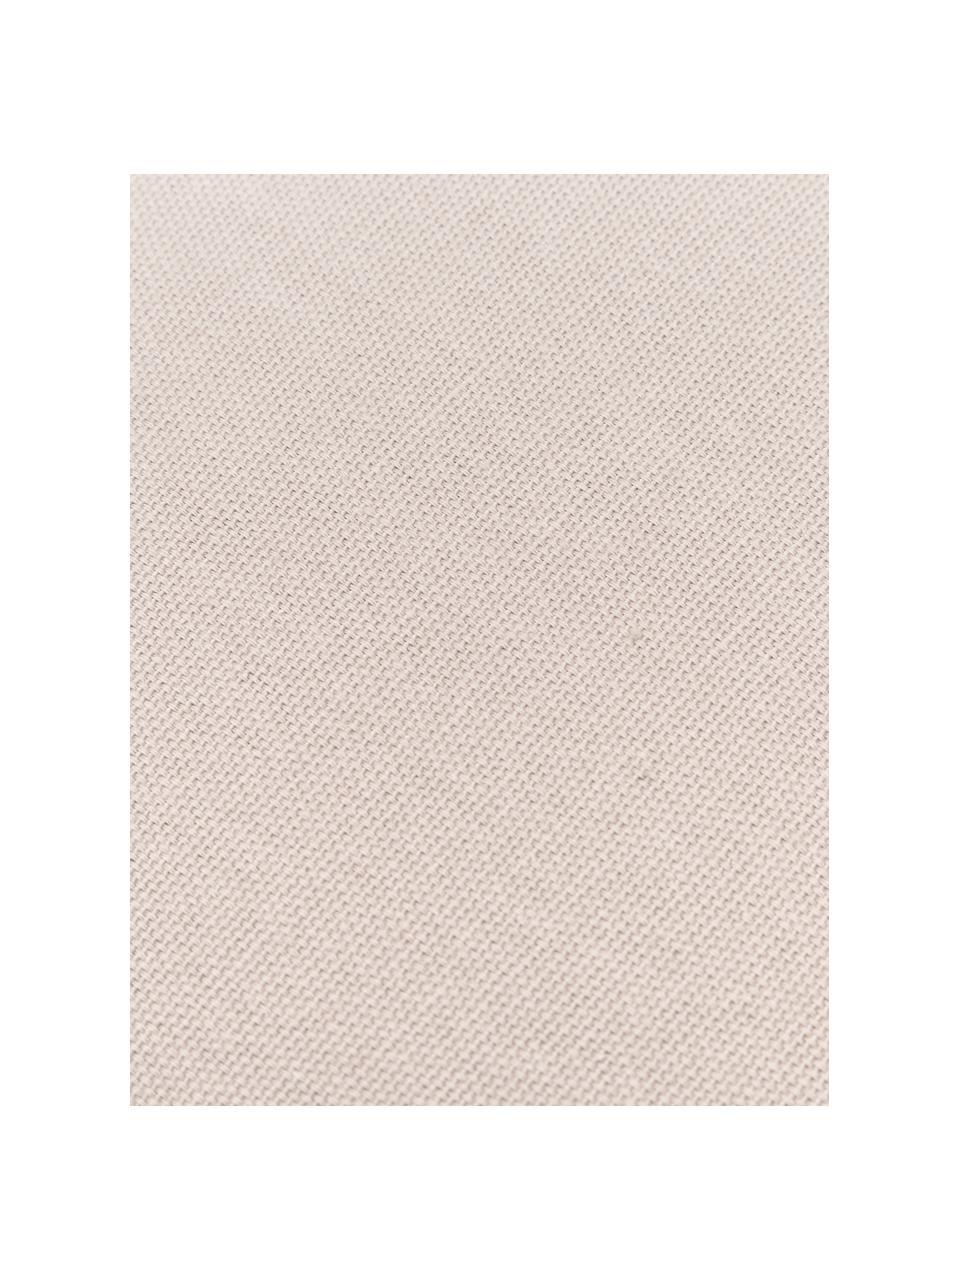 Federa arredo con nappe Shylo, 100% cotone, Beige, Larg. 40 x Lung. 40 cm